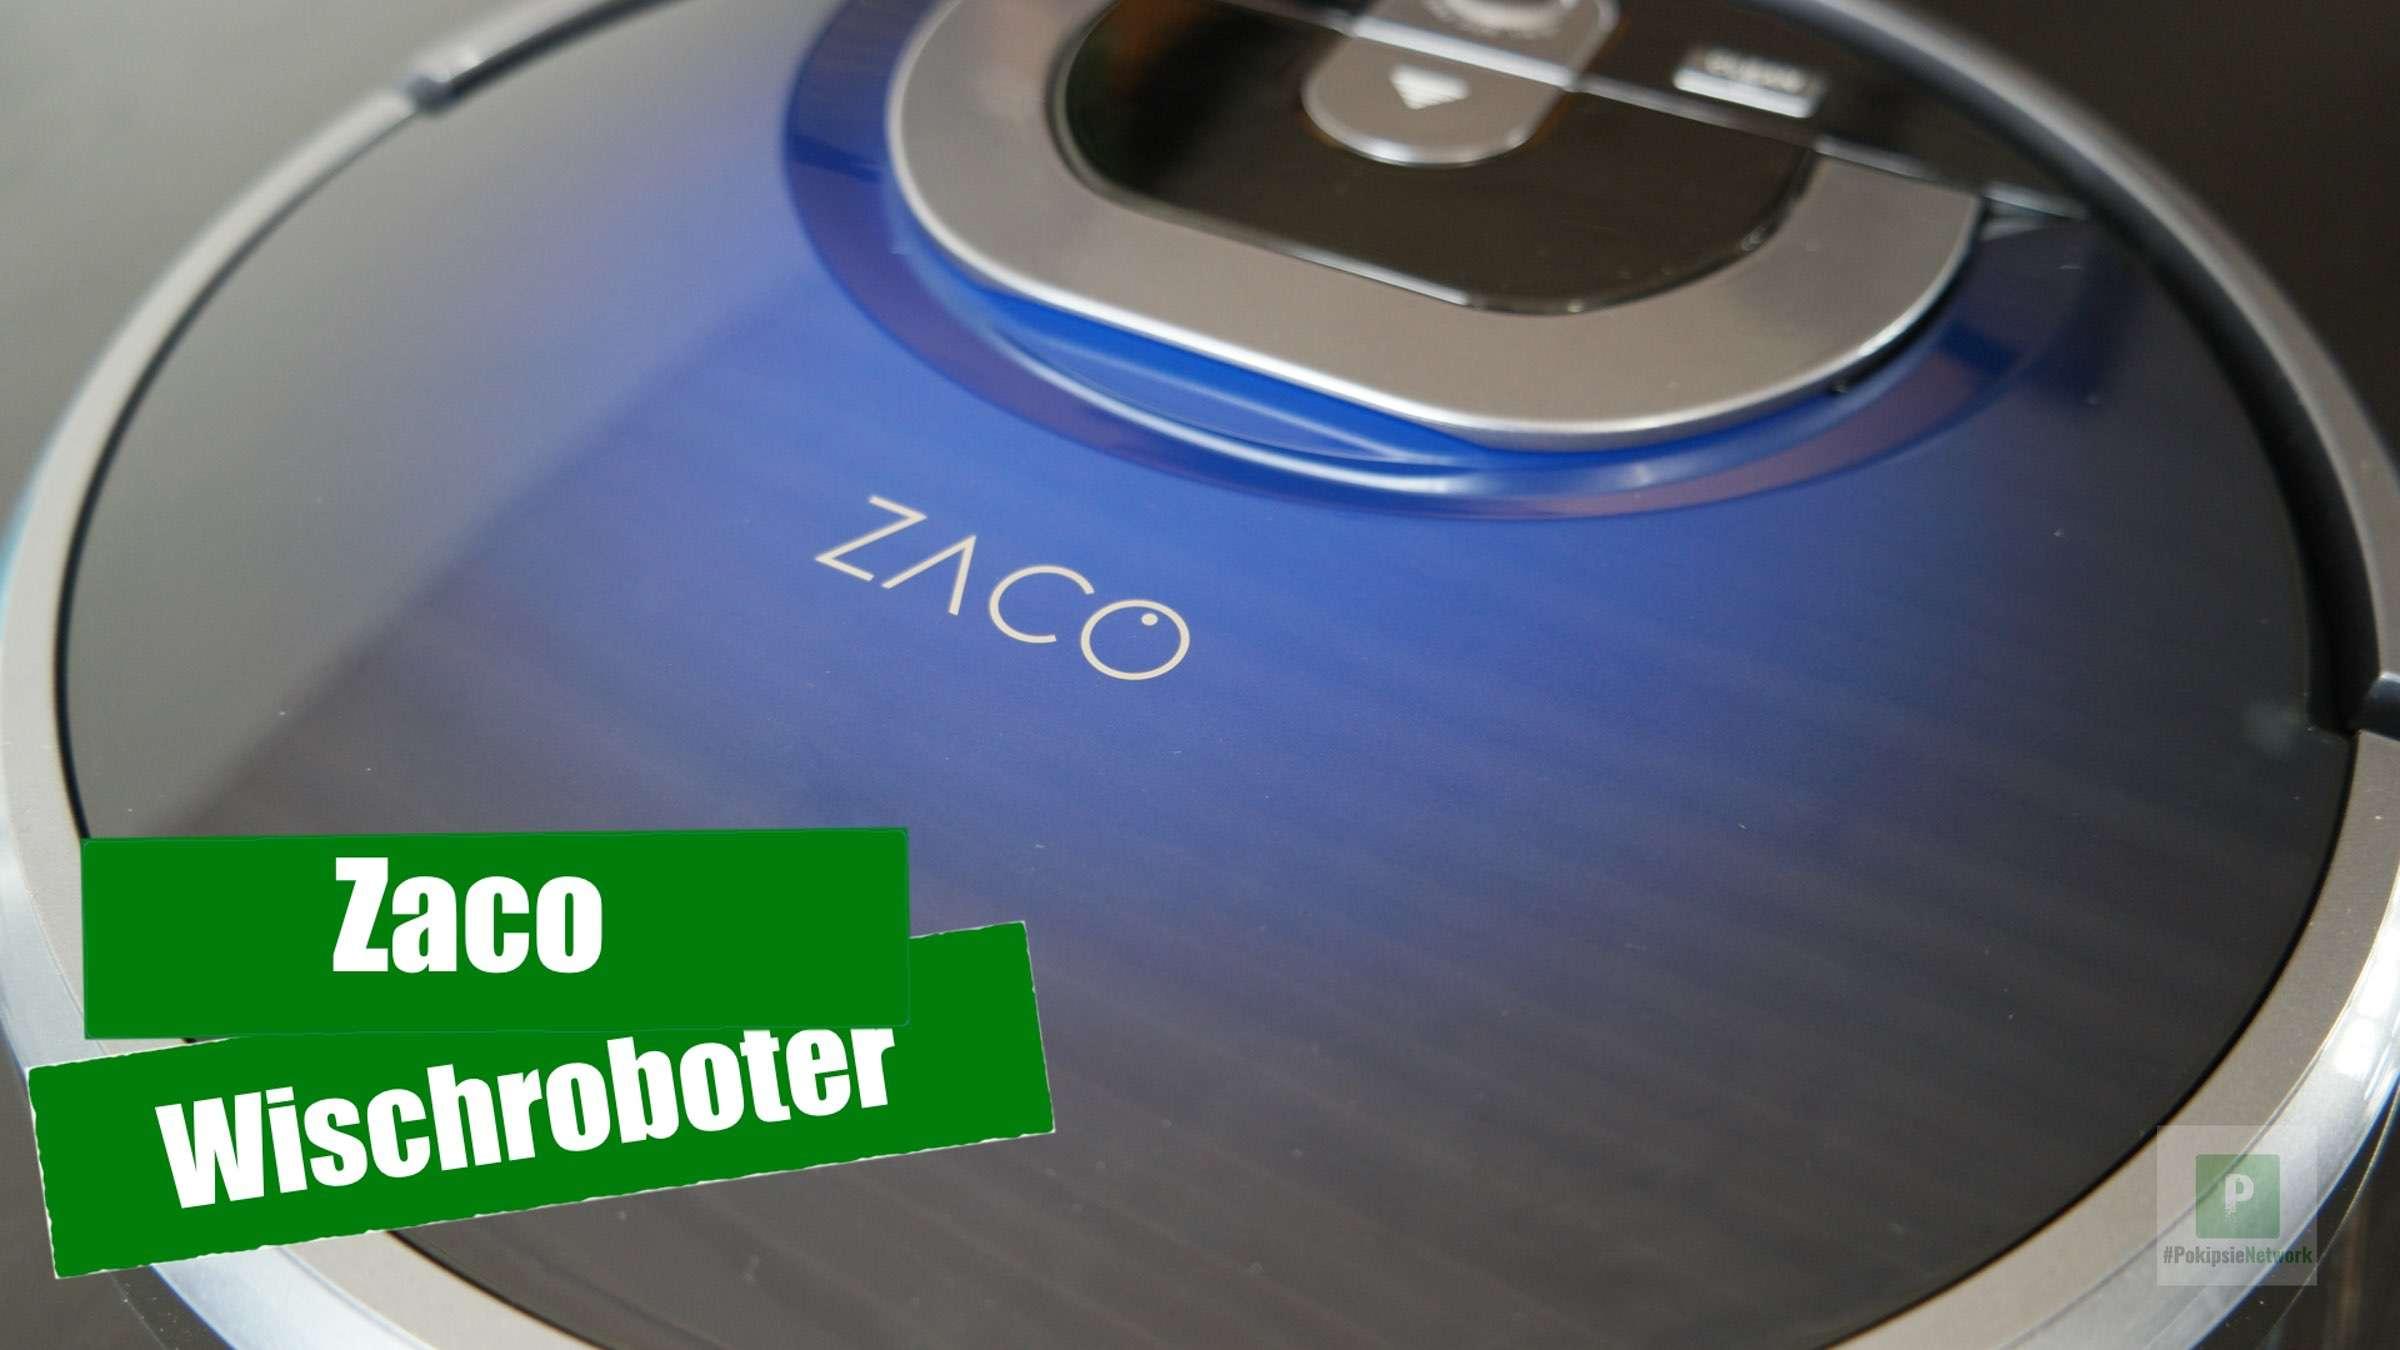 Video – Zaco W450